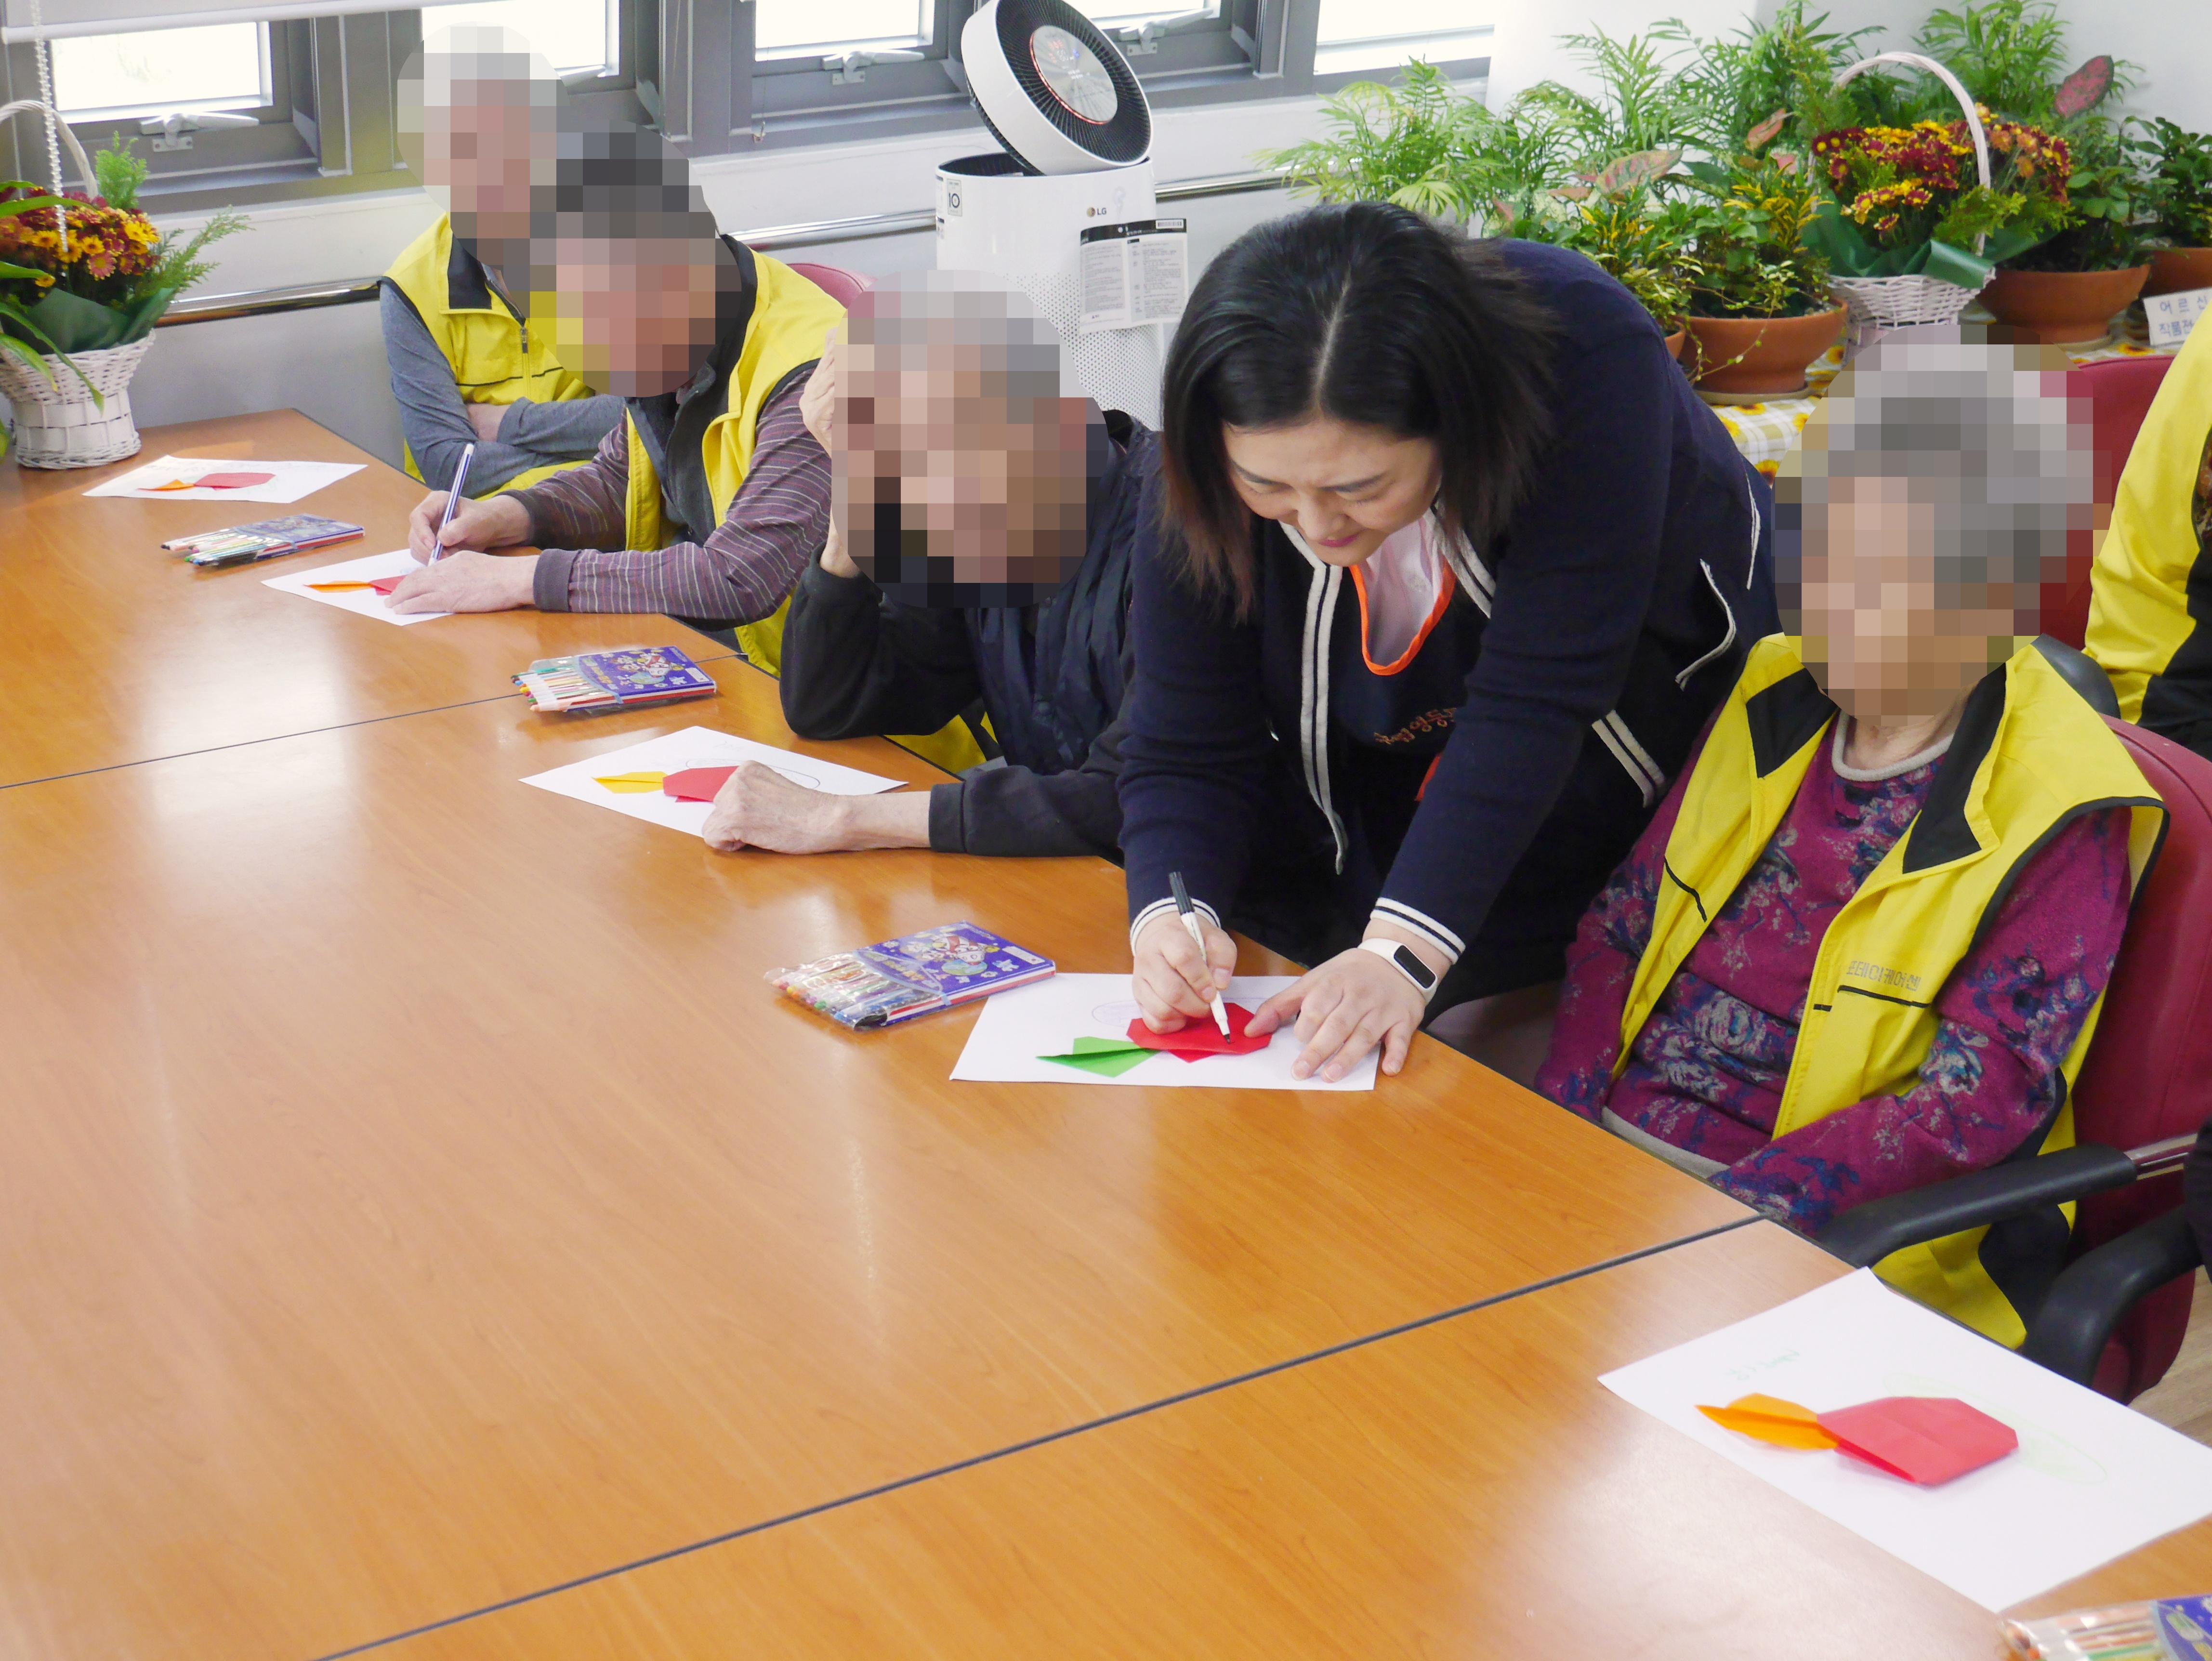 주야간보호센터 10월 종이접기 프로그램 사진입니다.